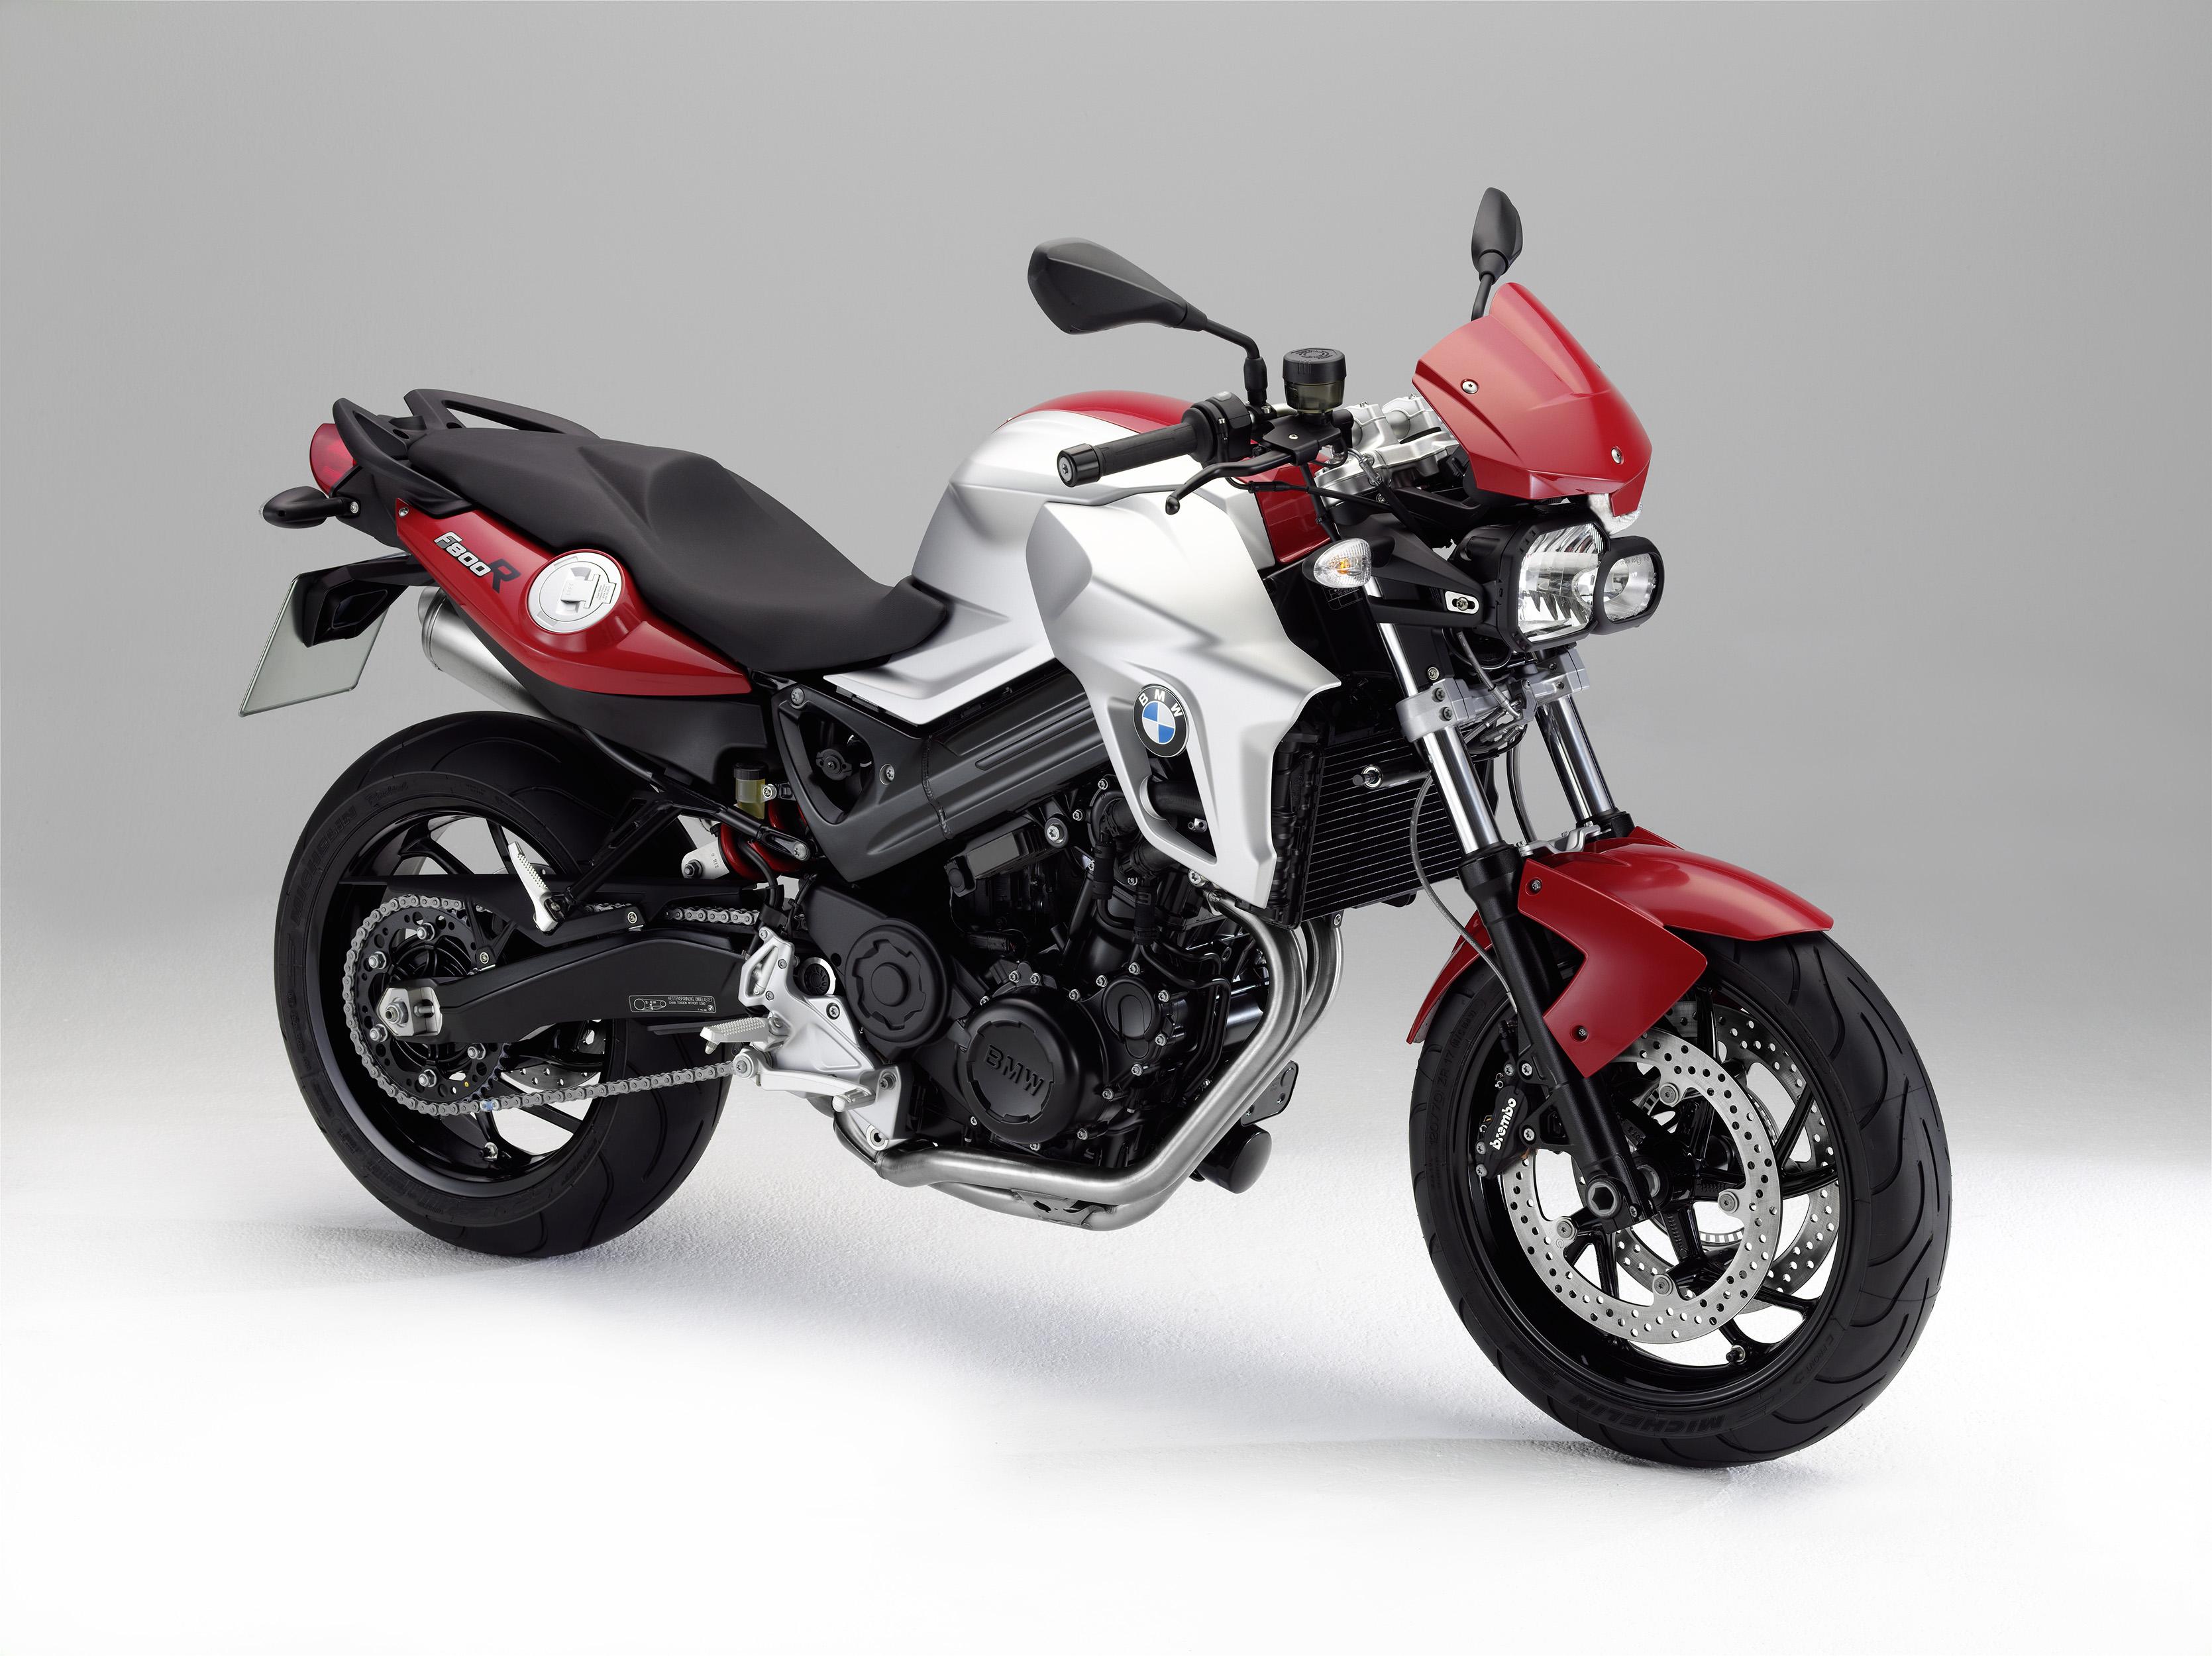 bmw f800r nouveaut s par bmw motorrad 2012 accessoires moto hornig accessoire pour votre bmw. Black Bedroom Furniture Sets. Home Design Ideas